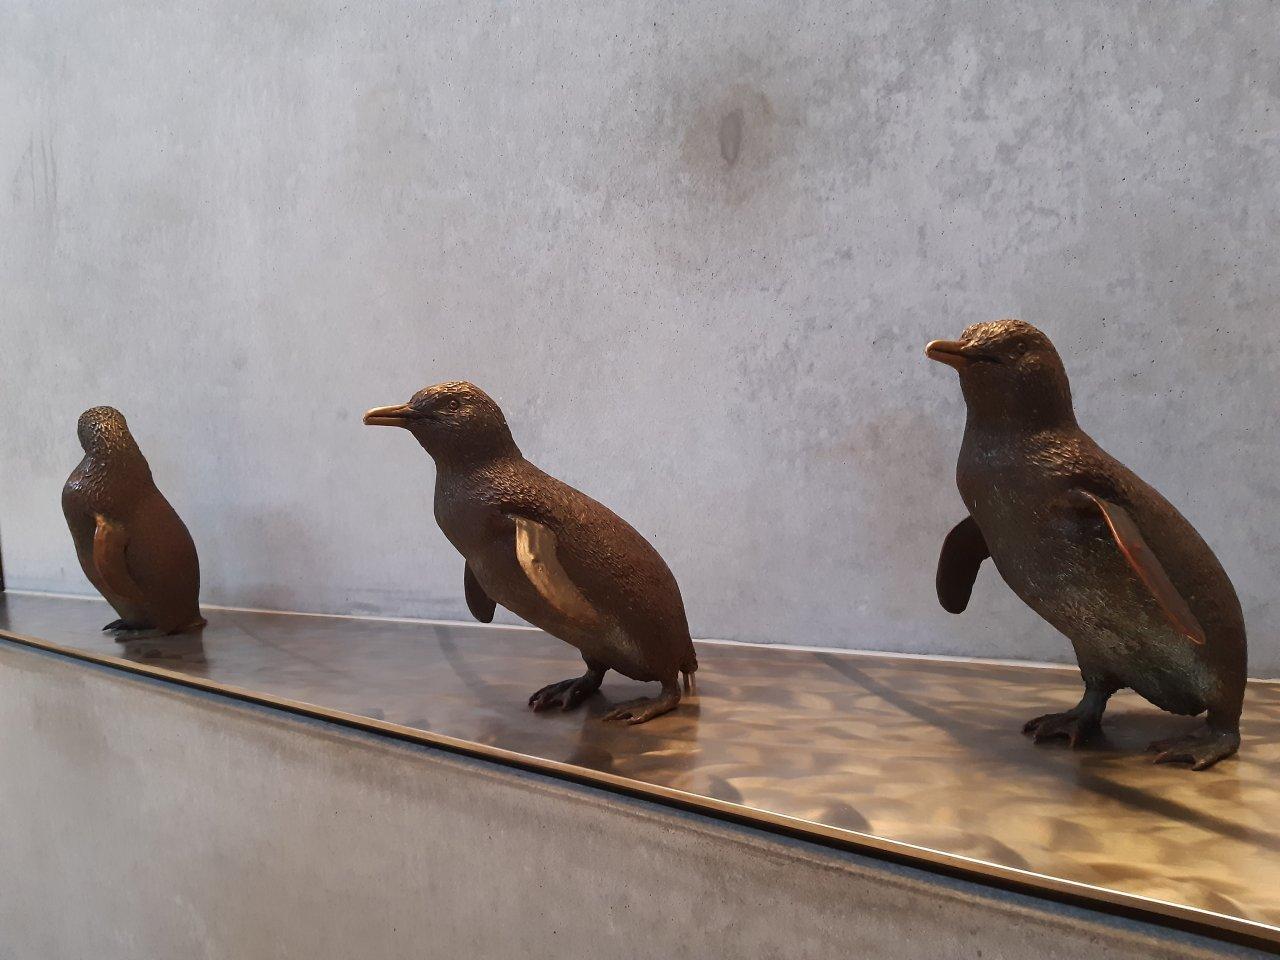 little-penguin-statues